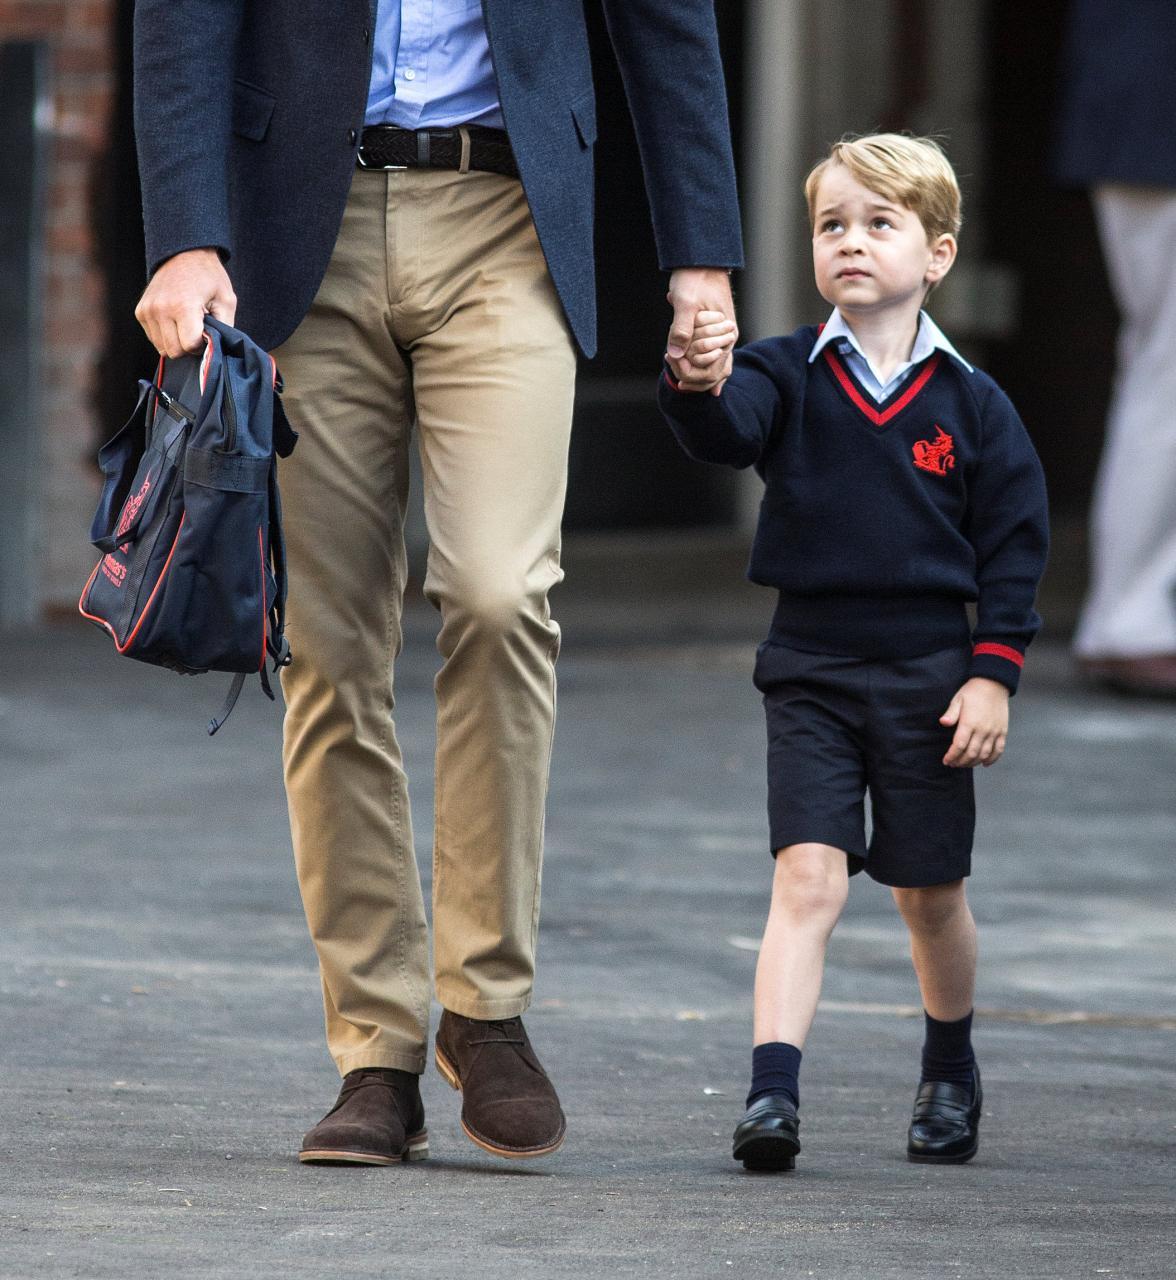 Ngày đầu đi học, Hoàng tử George căng thẳng nắm tay cha - Ảnh 4.